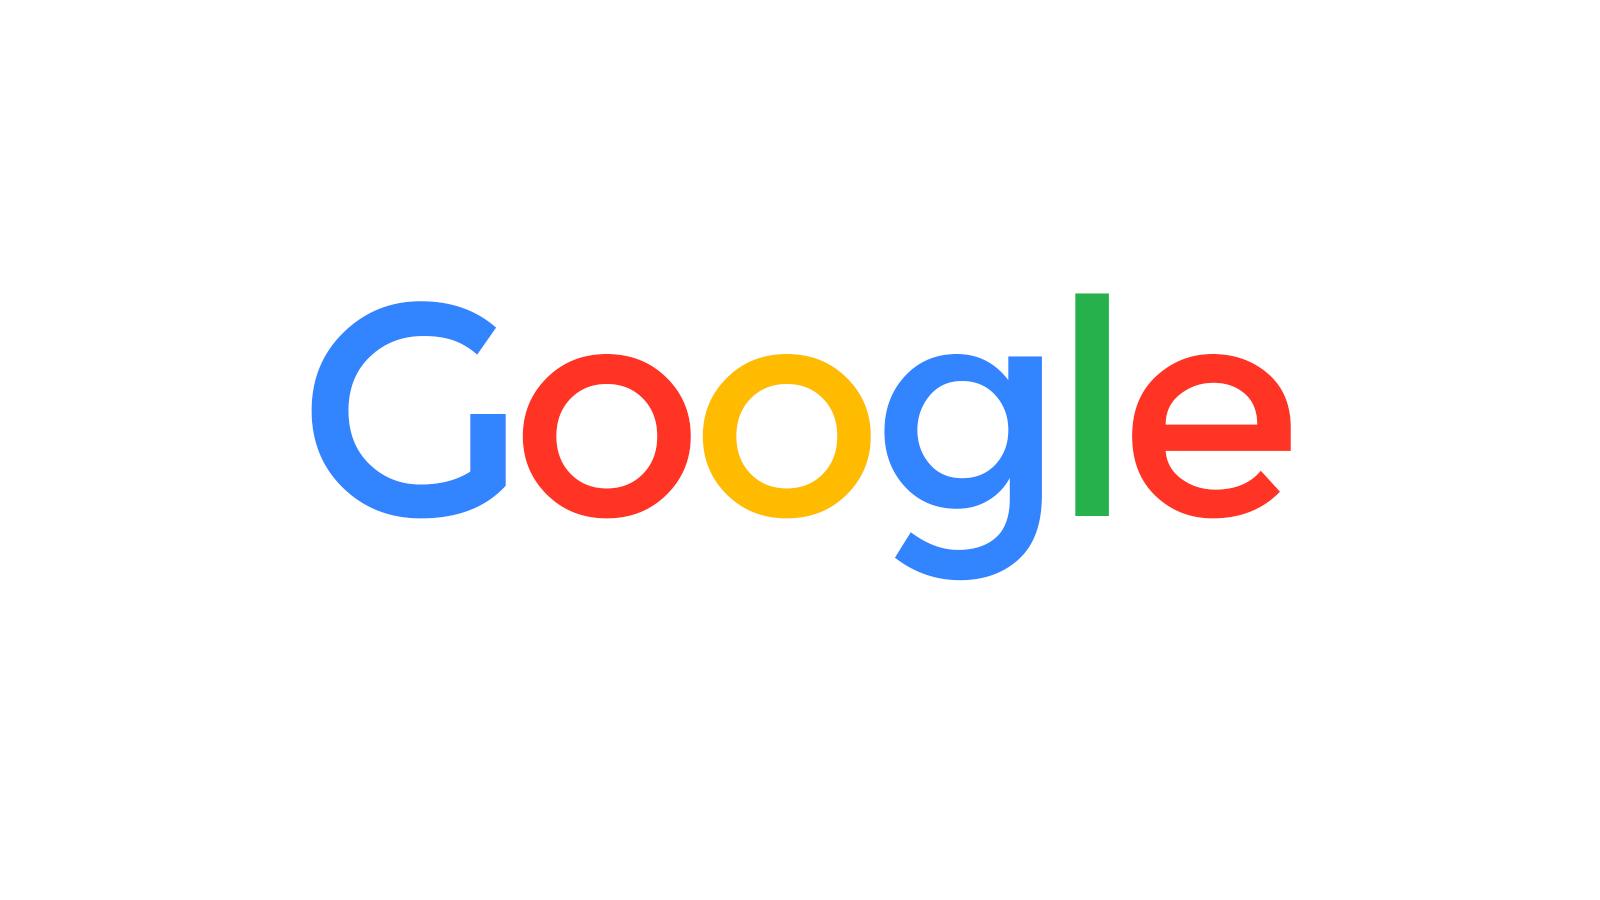 La ce va folosi Google businessul broadband pe care il cumpara de la Nokia